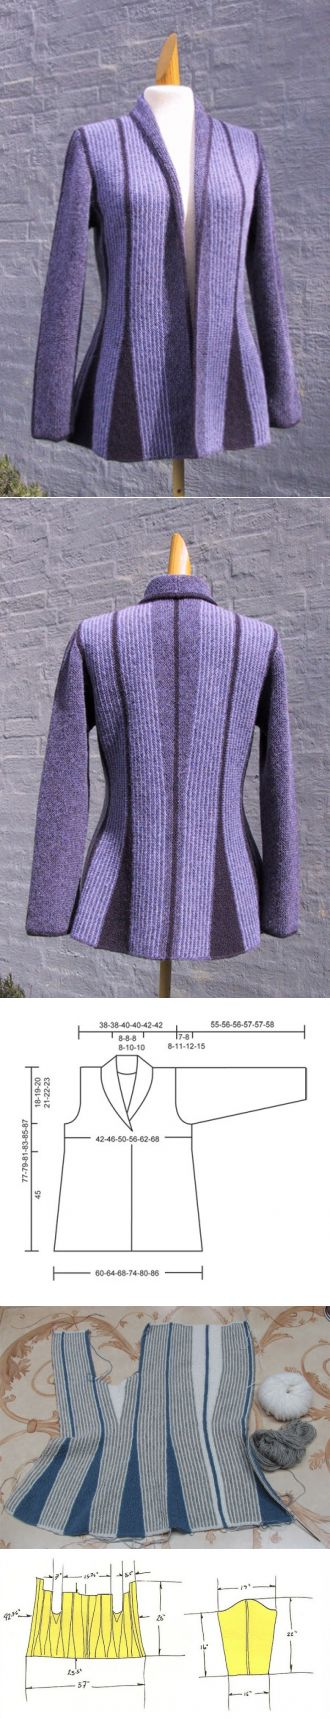 Жакет от Drops Design и Двухцветный пуловер